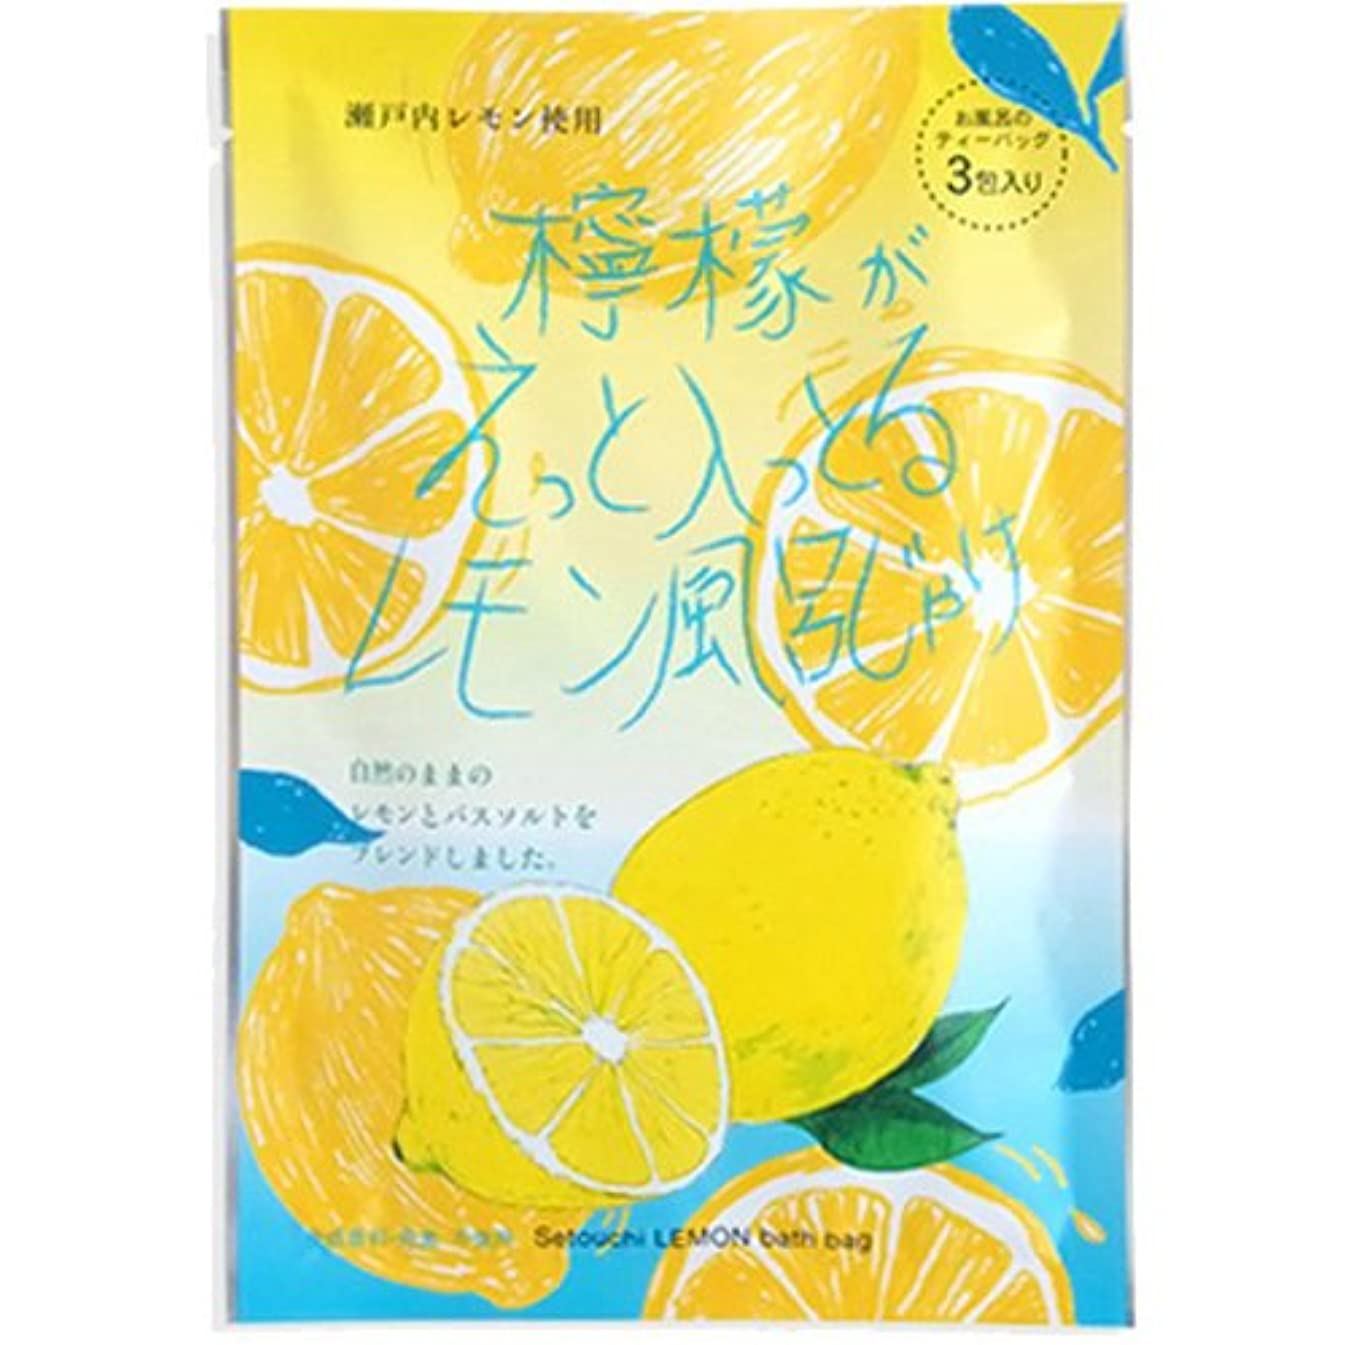 つま先有名人肺炎檸檬がえっと入っとるレモン風呂じゃけ